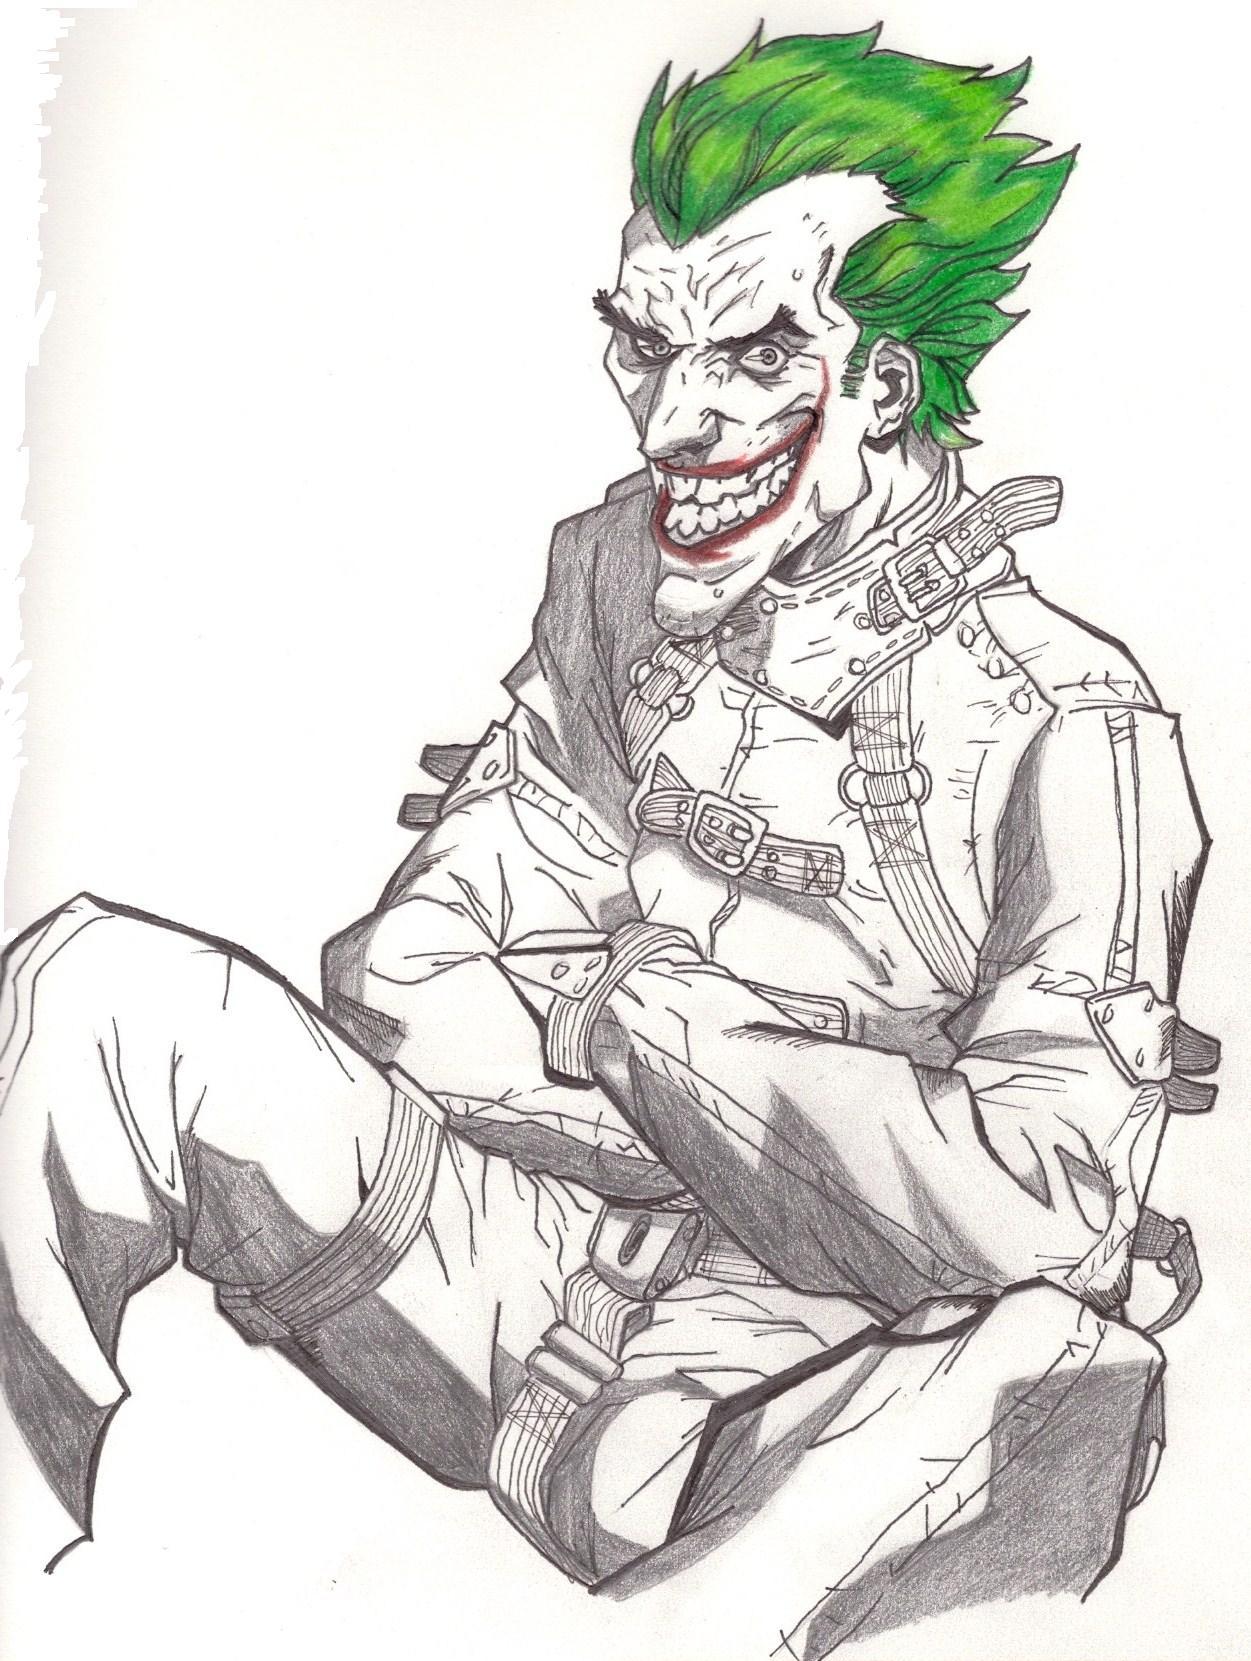 1251x1661 Straight Jacket Joker By Masterdrawer